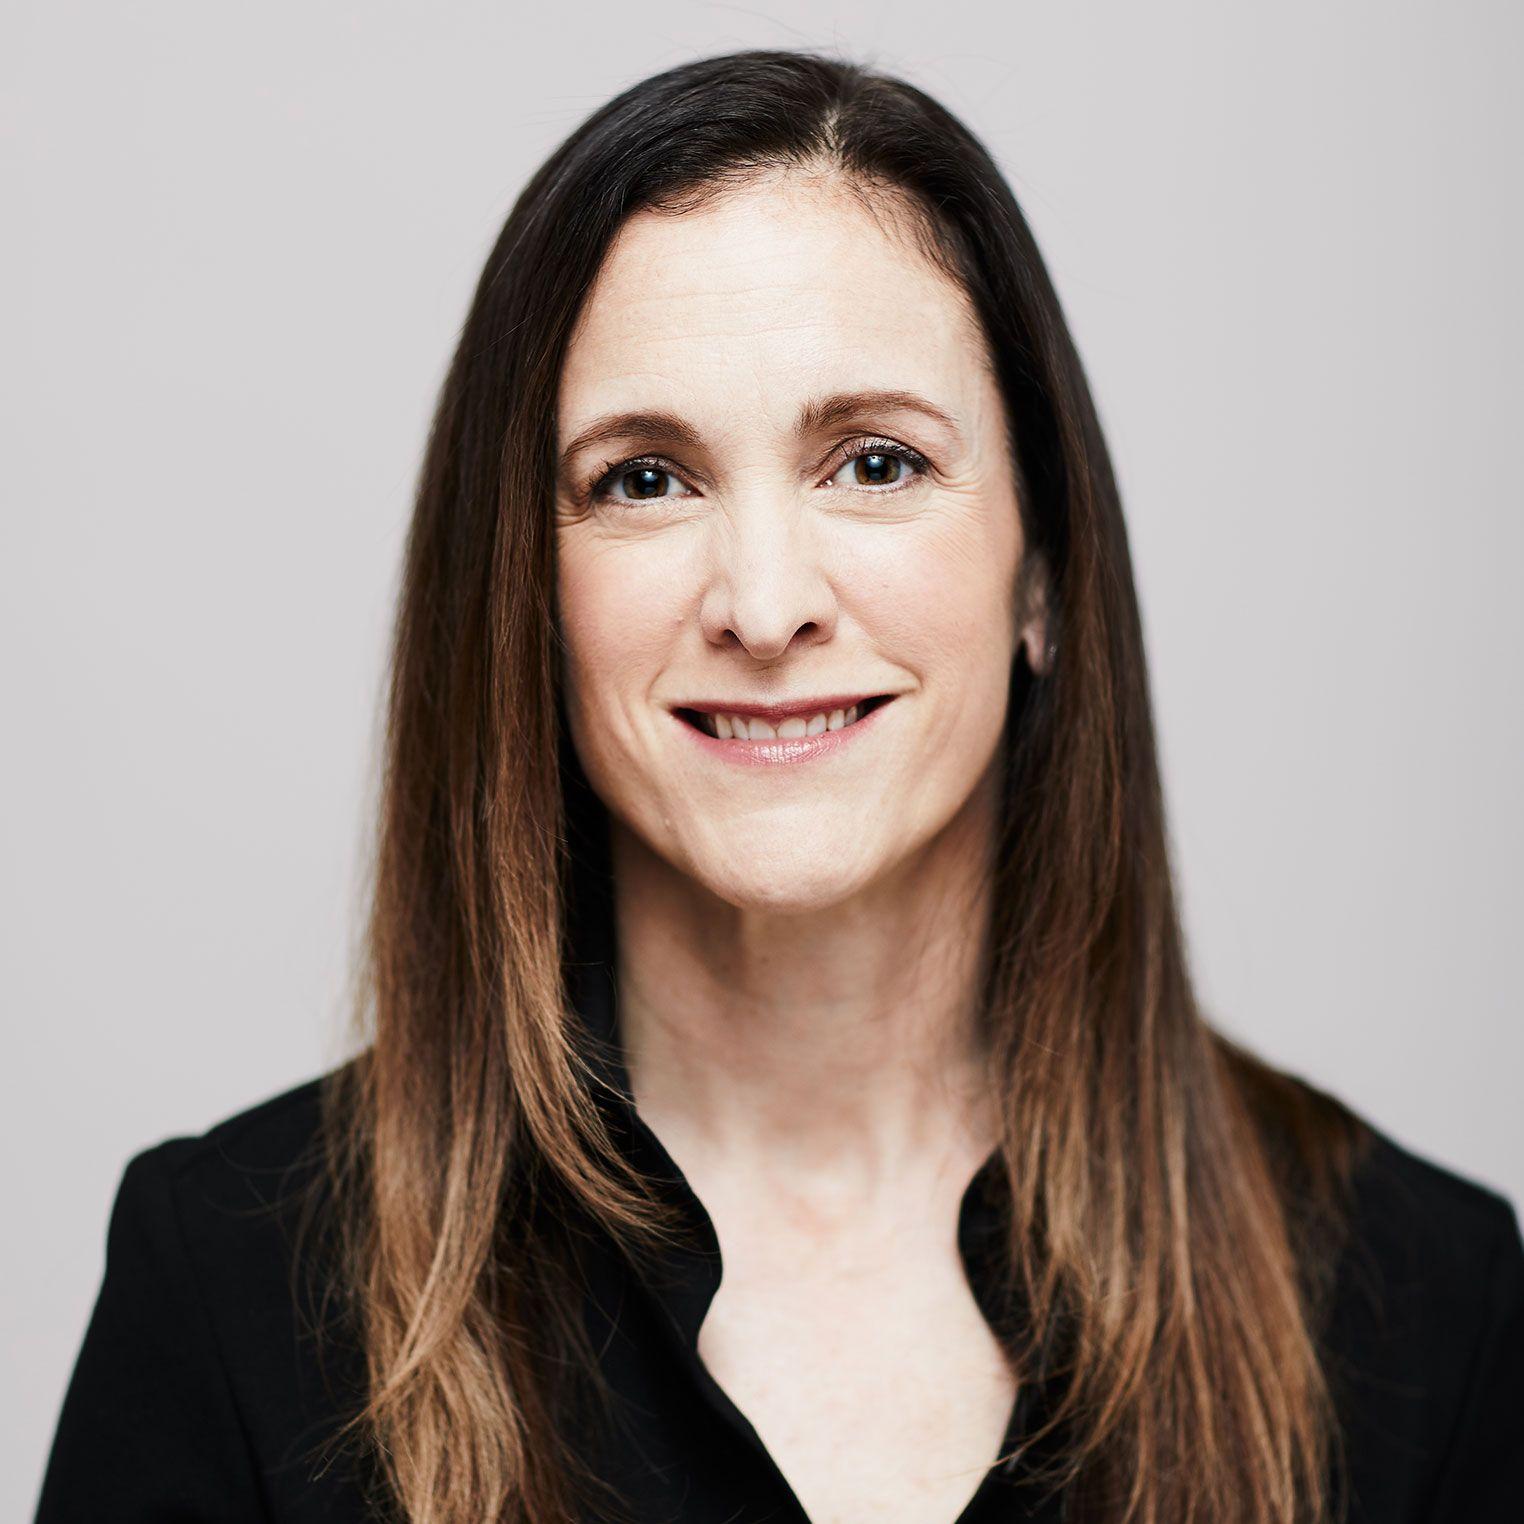 Anne-Marie Rosser